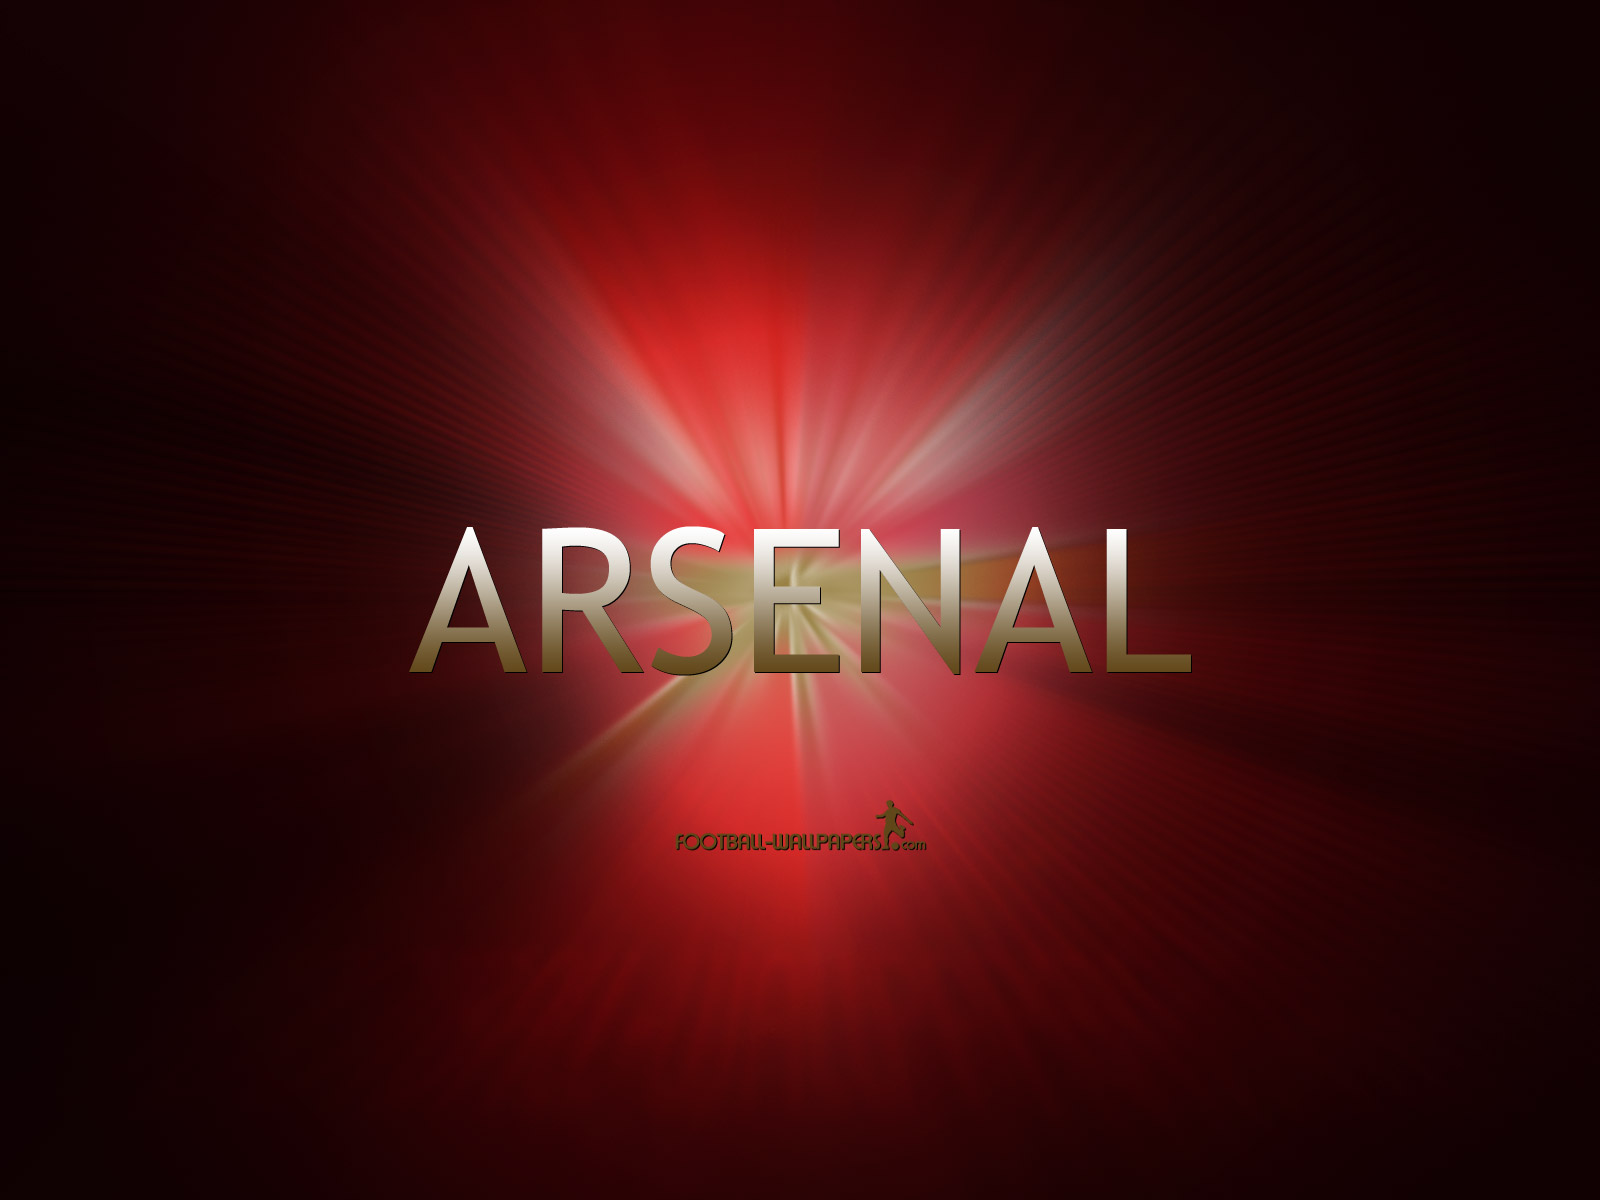 http://4.bp.blogspot.com/-yOP69D-DmLA/ThWLyHW0x8I/AAAAAAAAAv4/uWbxMn_i1Fw/s1600/Arsenal+Wallpaper+2.jpg